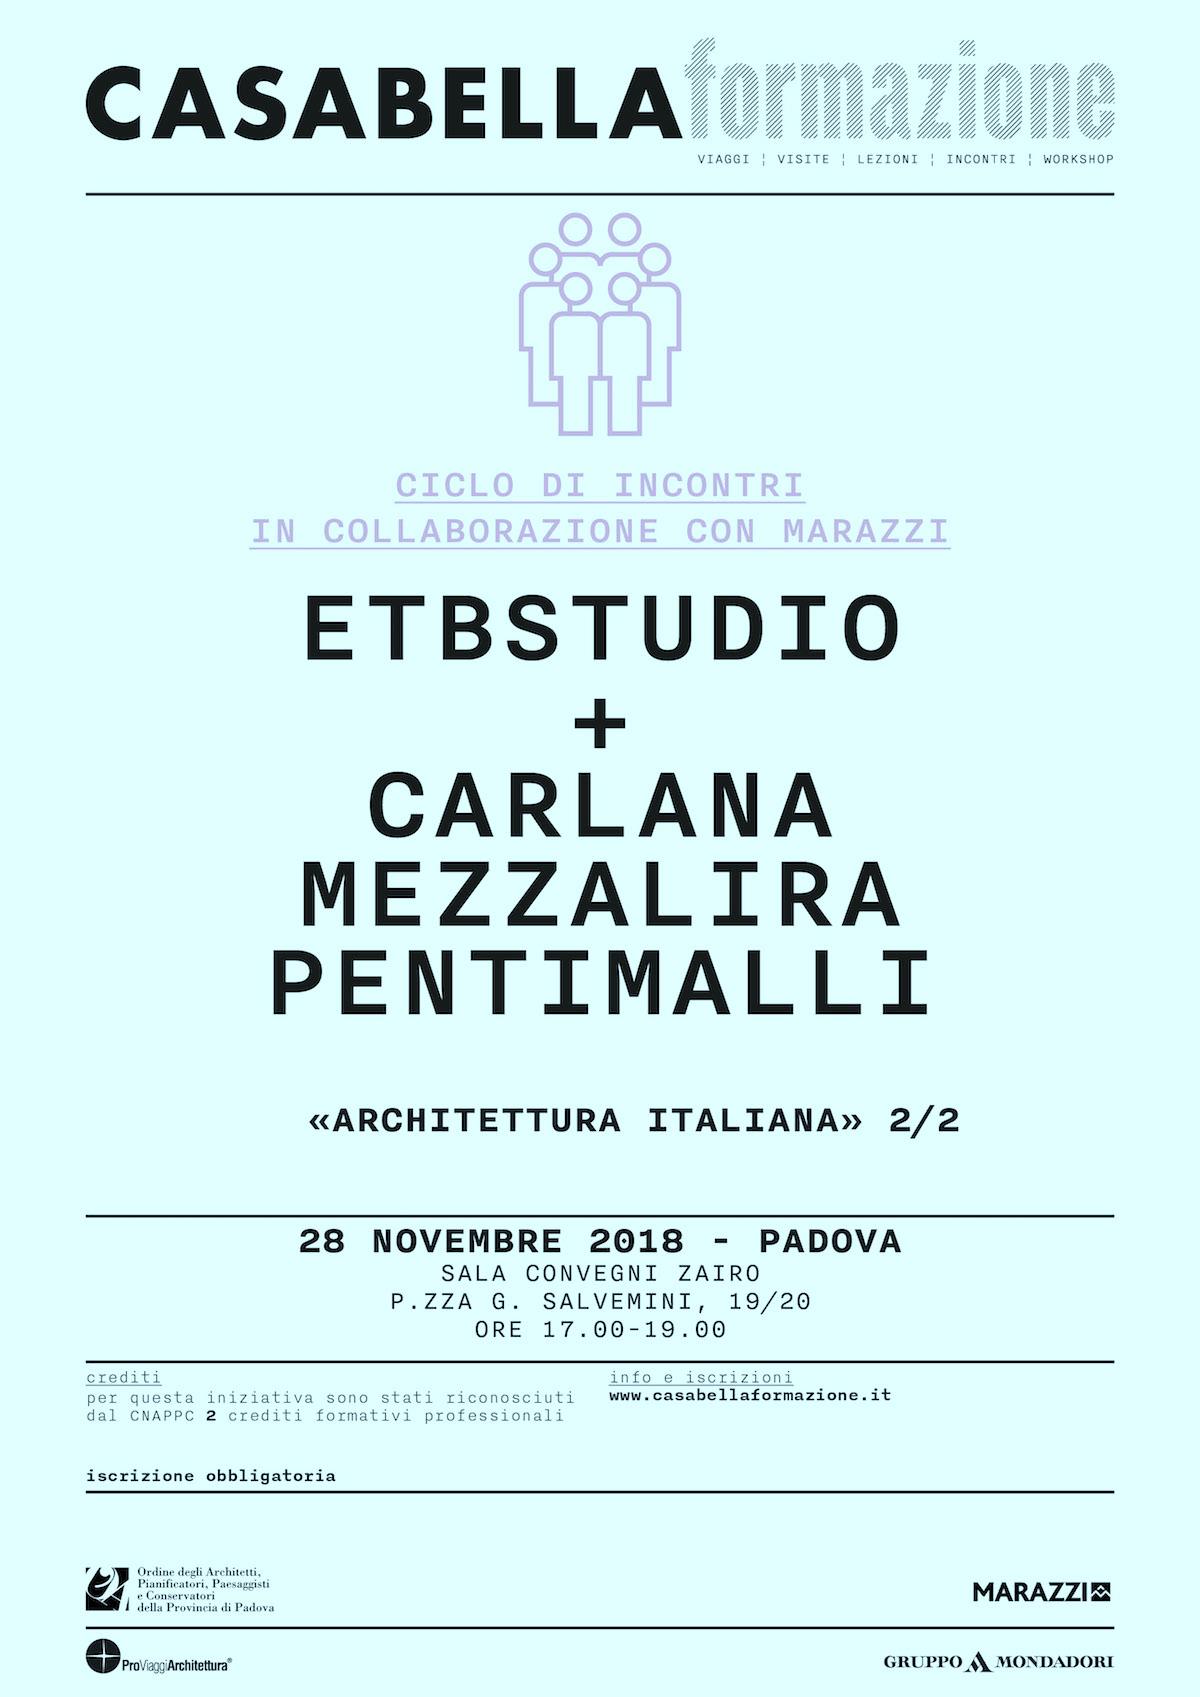 ETBstudio + Carlana Mezzalira Pentimalli